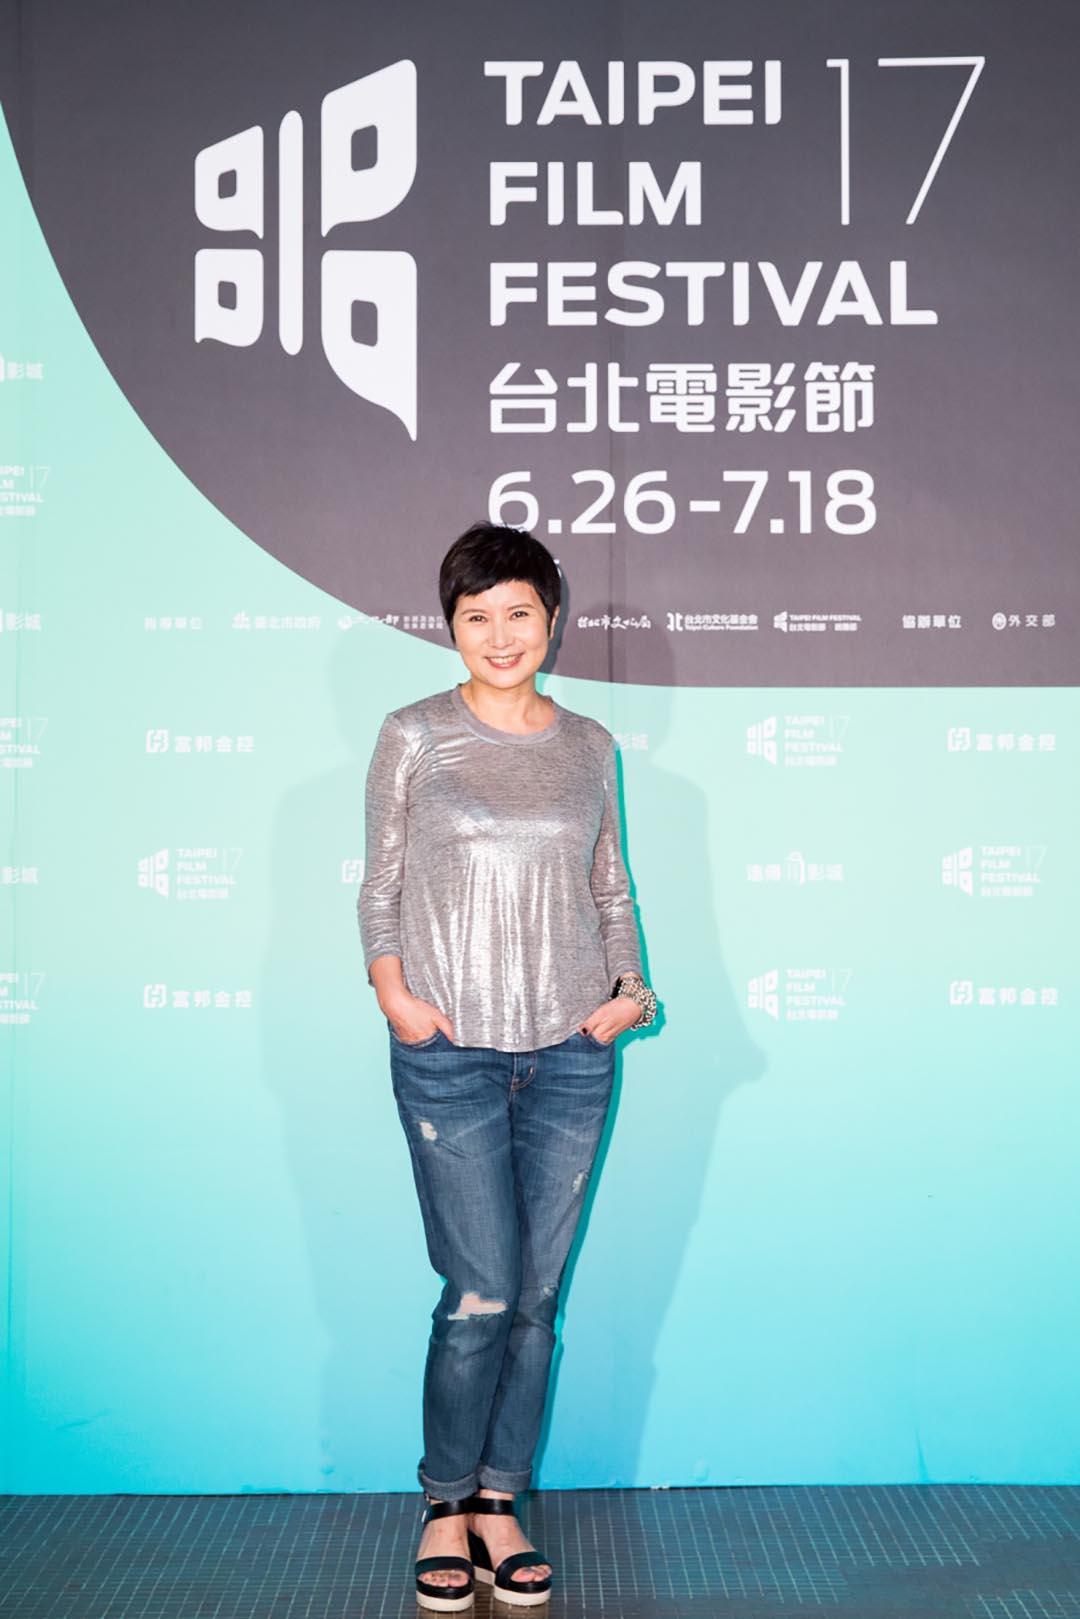 11月23日台灣知名影人李烈無預警閃辭台北電影節主席。照片由台北電影節提供